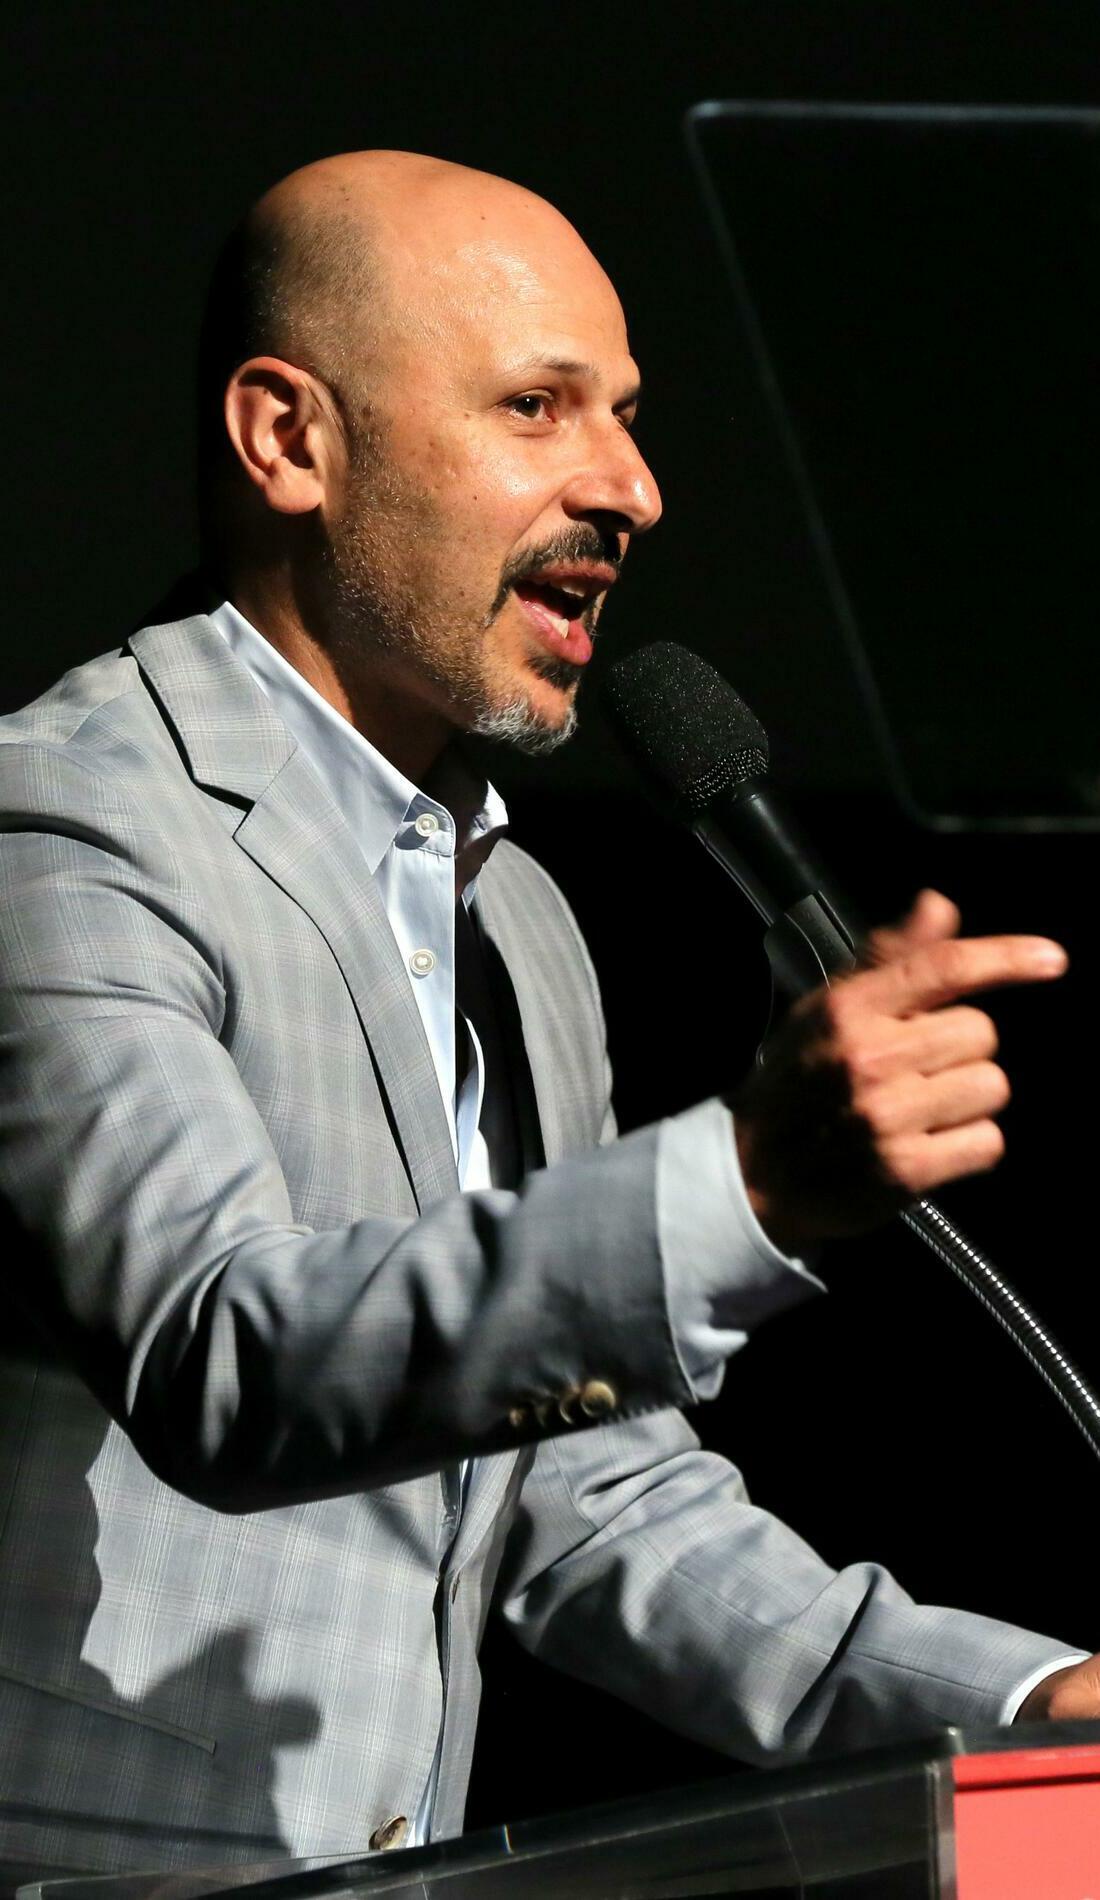 A Maz Jobrani live event